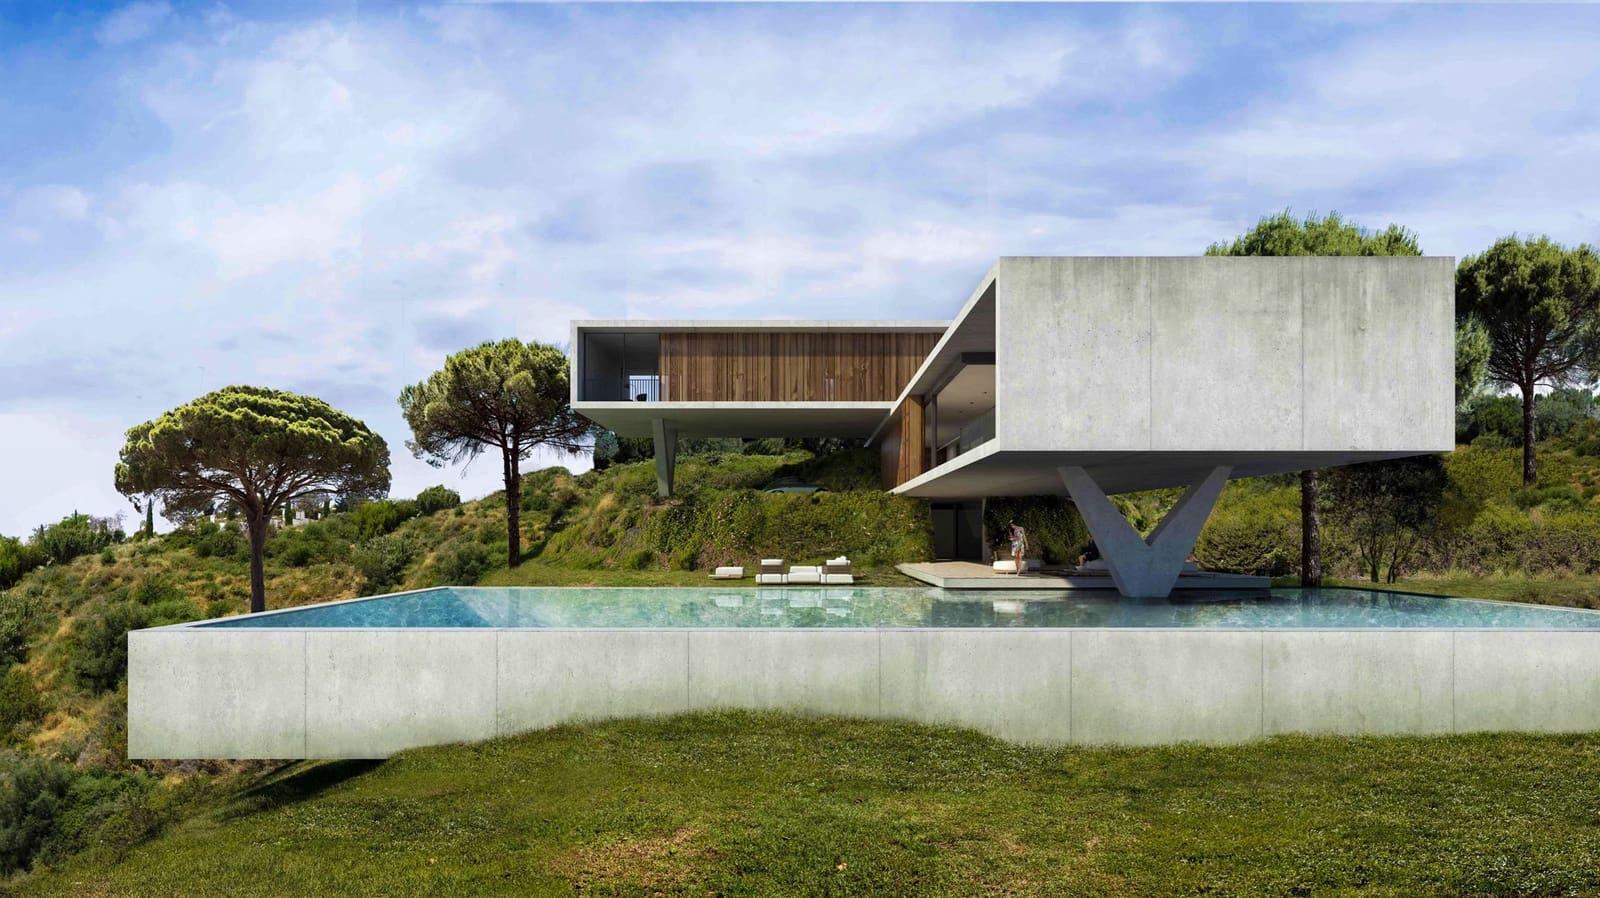 5 bedroom Villa for sale in Los Flamingos with pool garage - € 4,650,000 (Ref: 5811995)